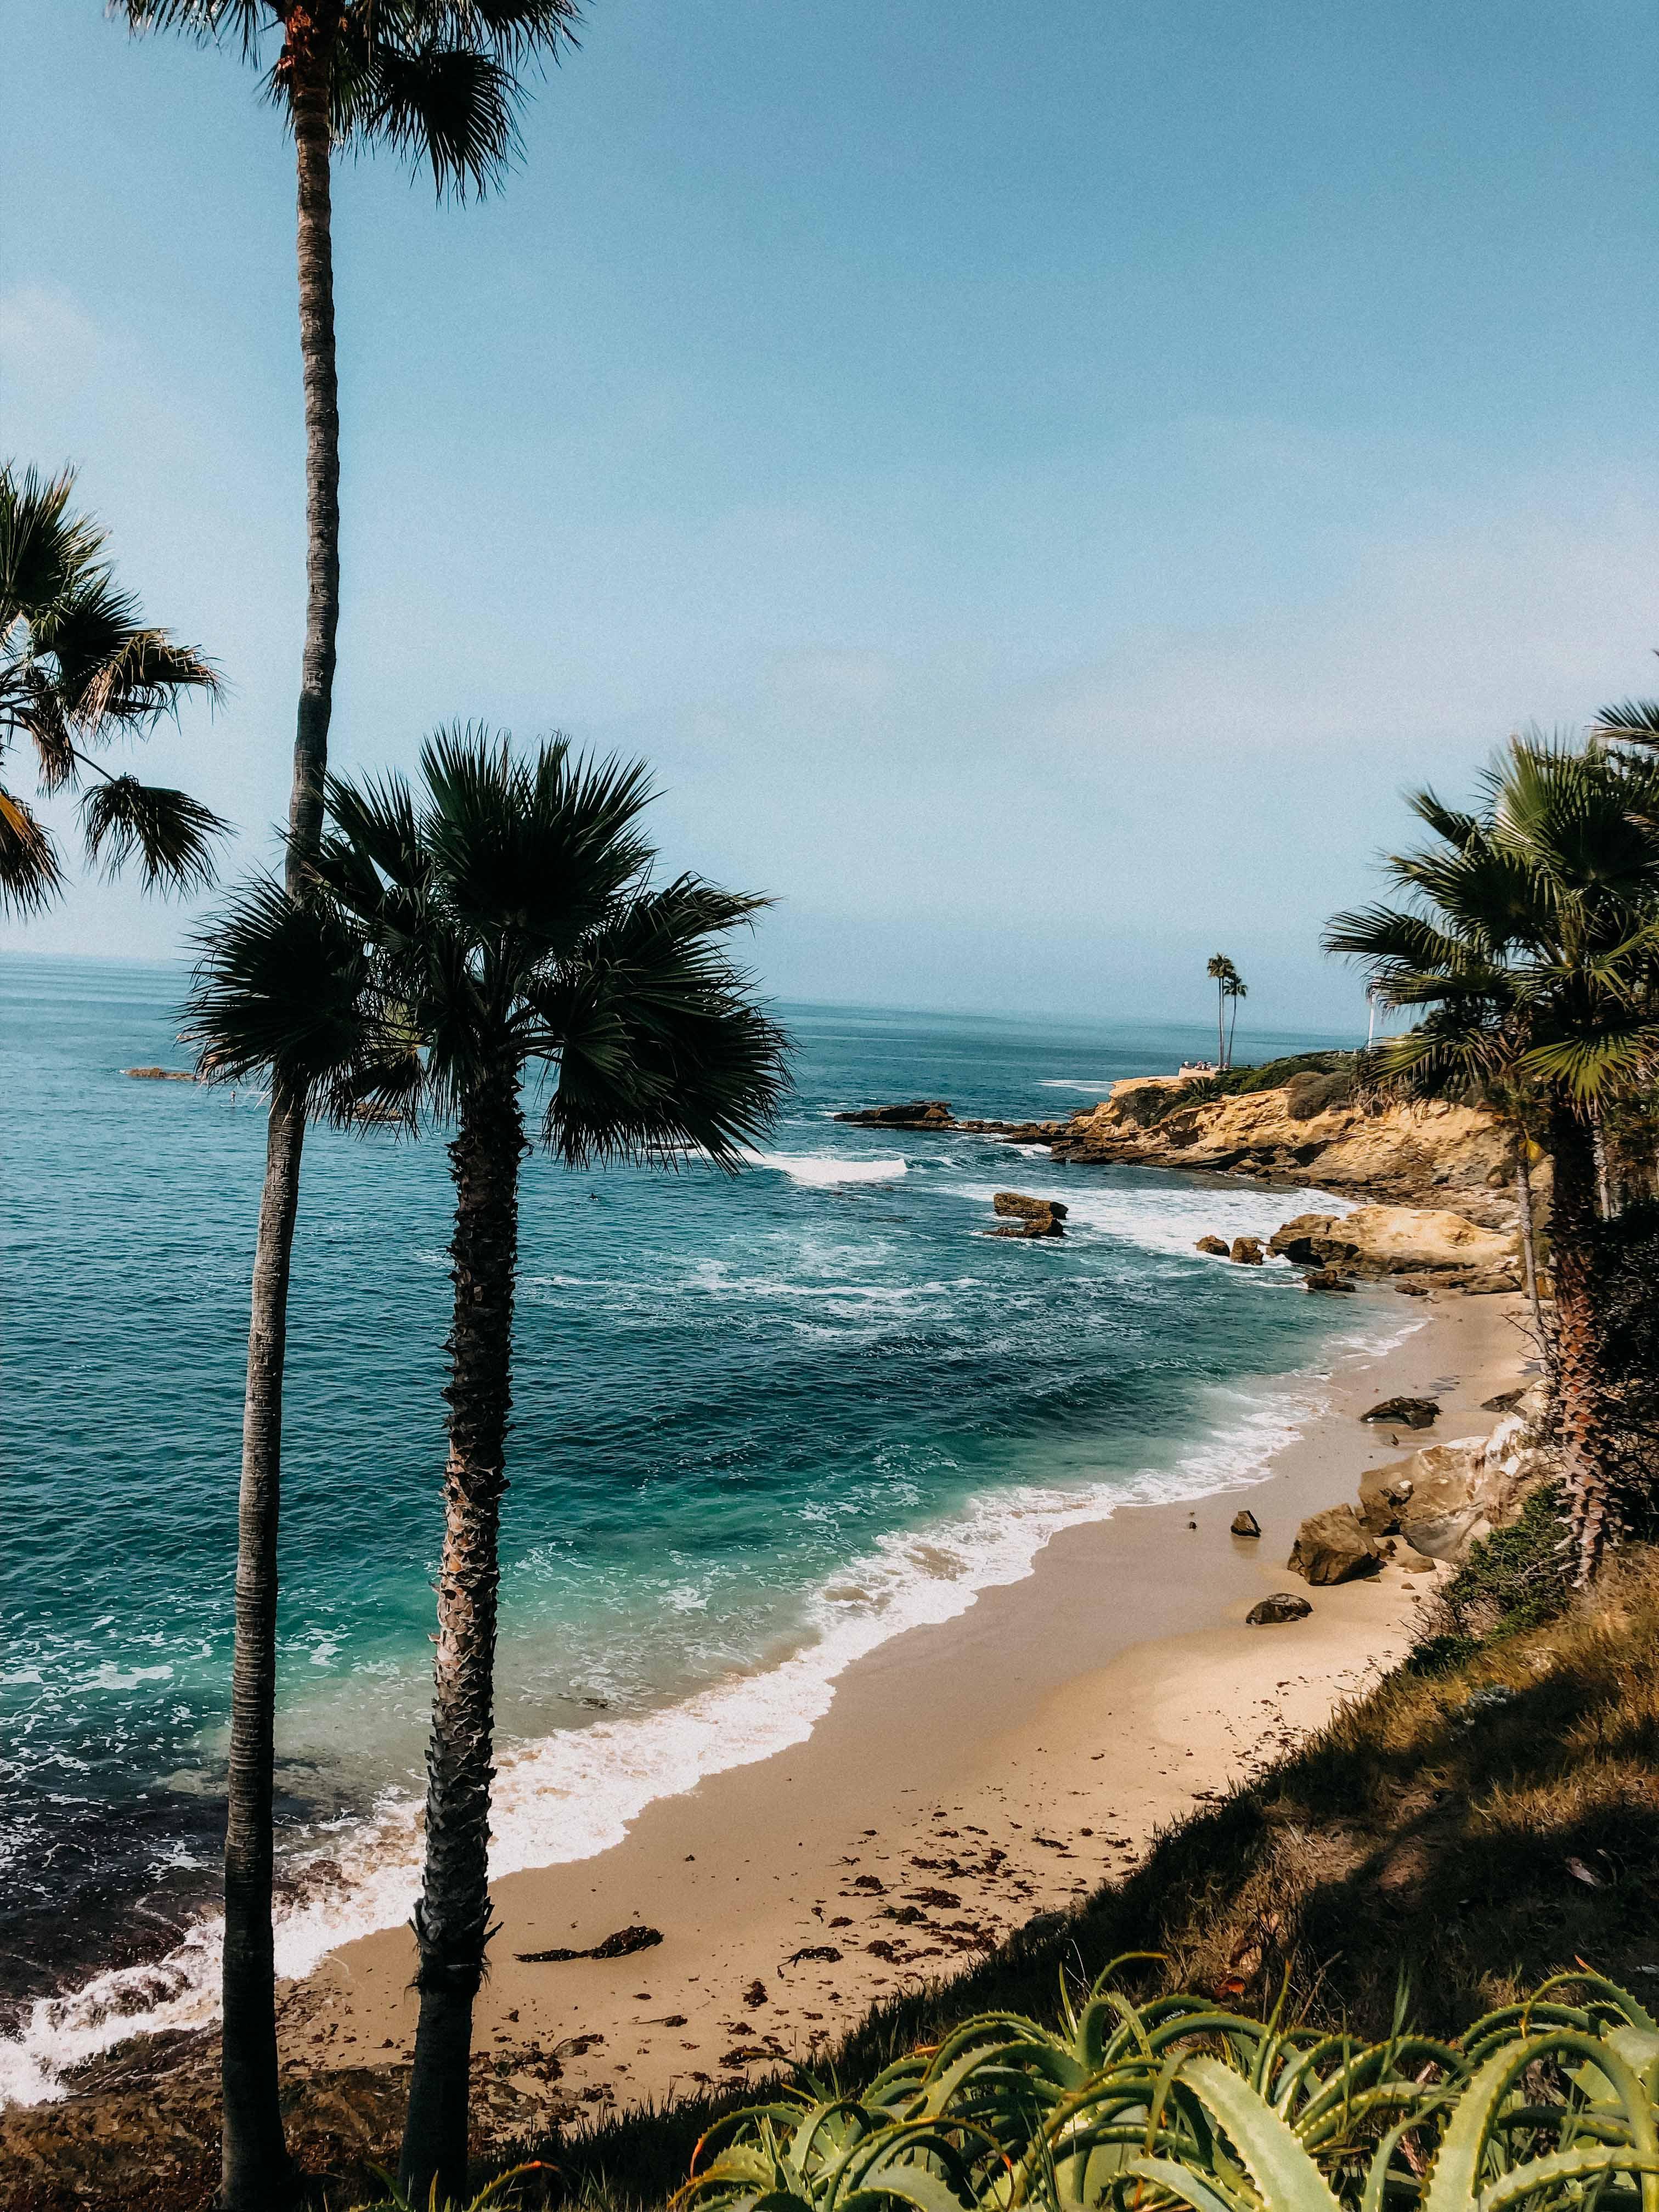 Top Insider Tipps Los Angeles Laguna Beach Traumstrände LA beste Strände Tipp bester Strand USA Amerika 5